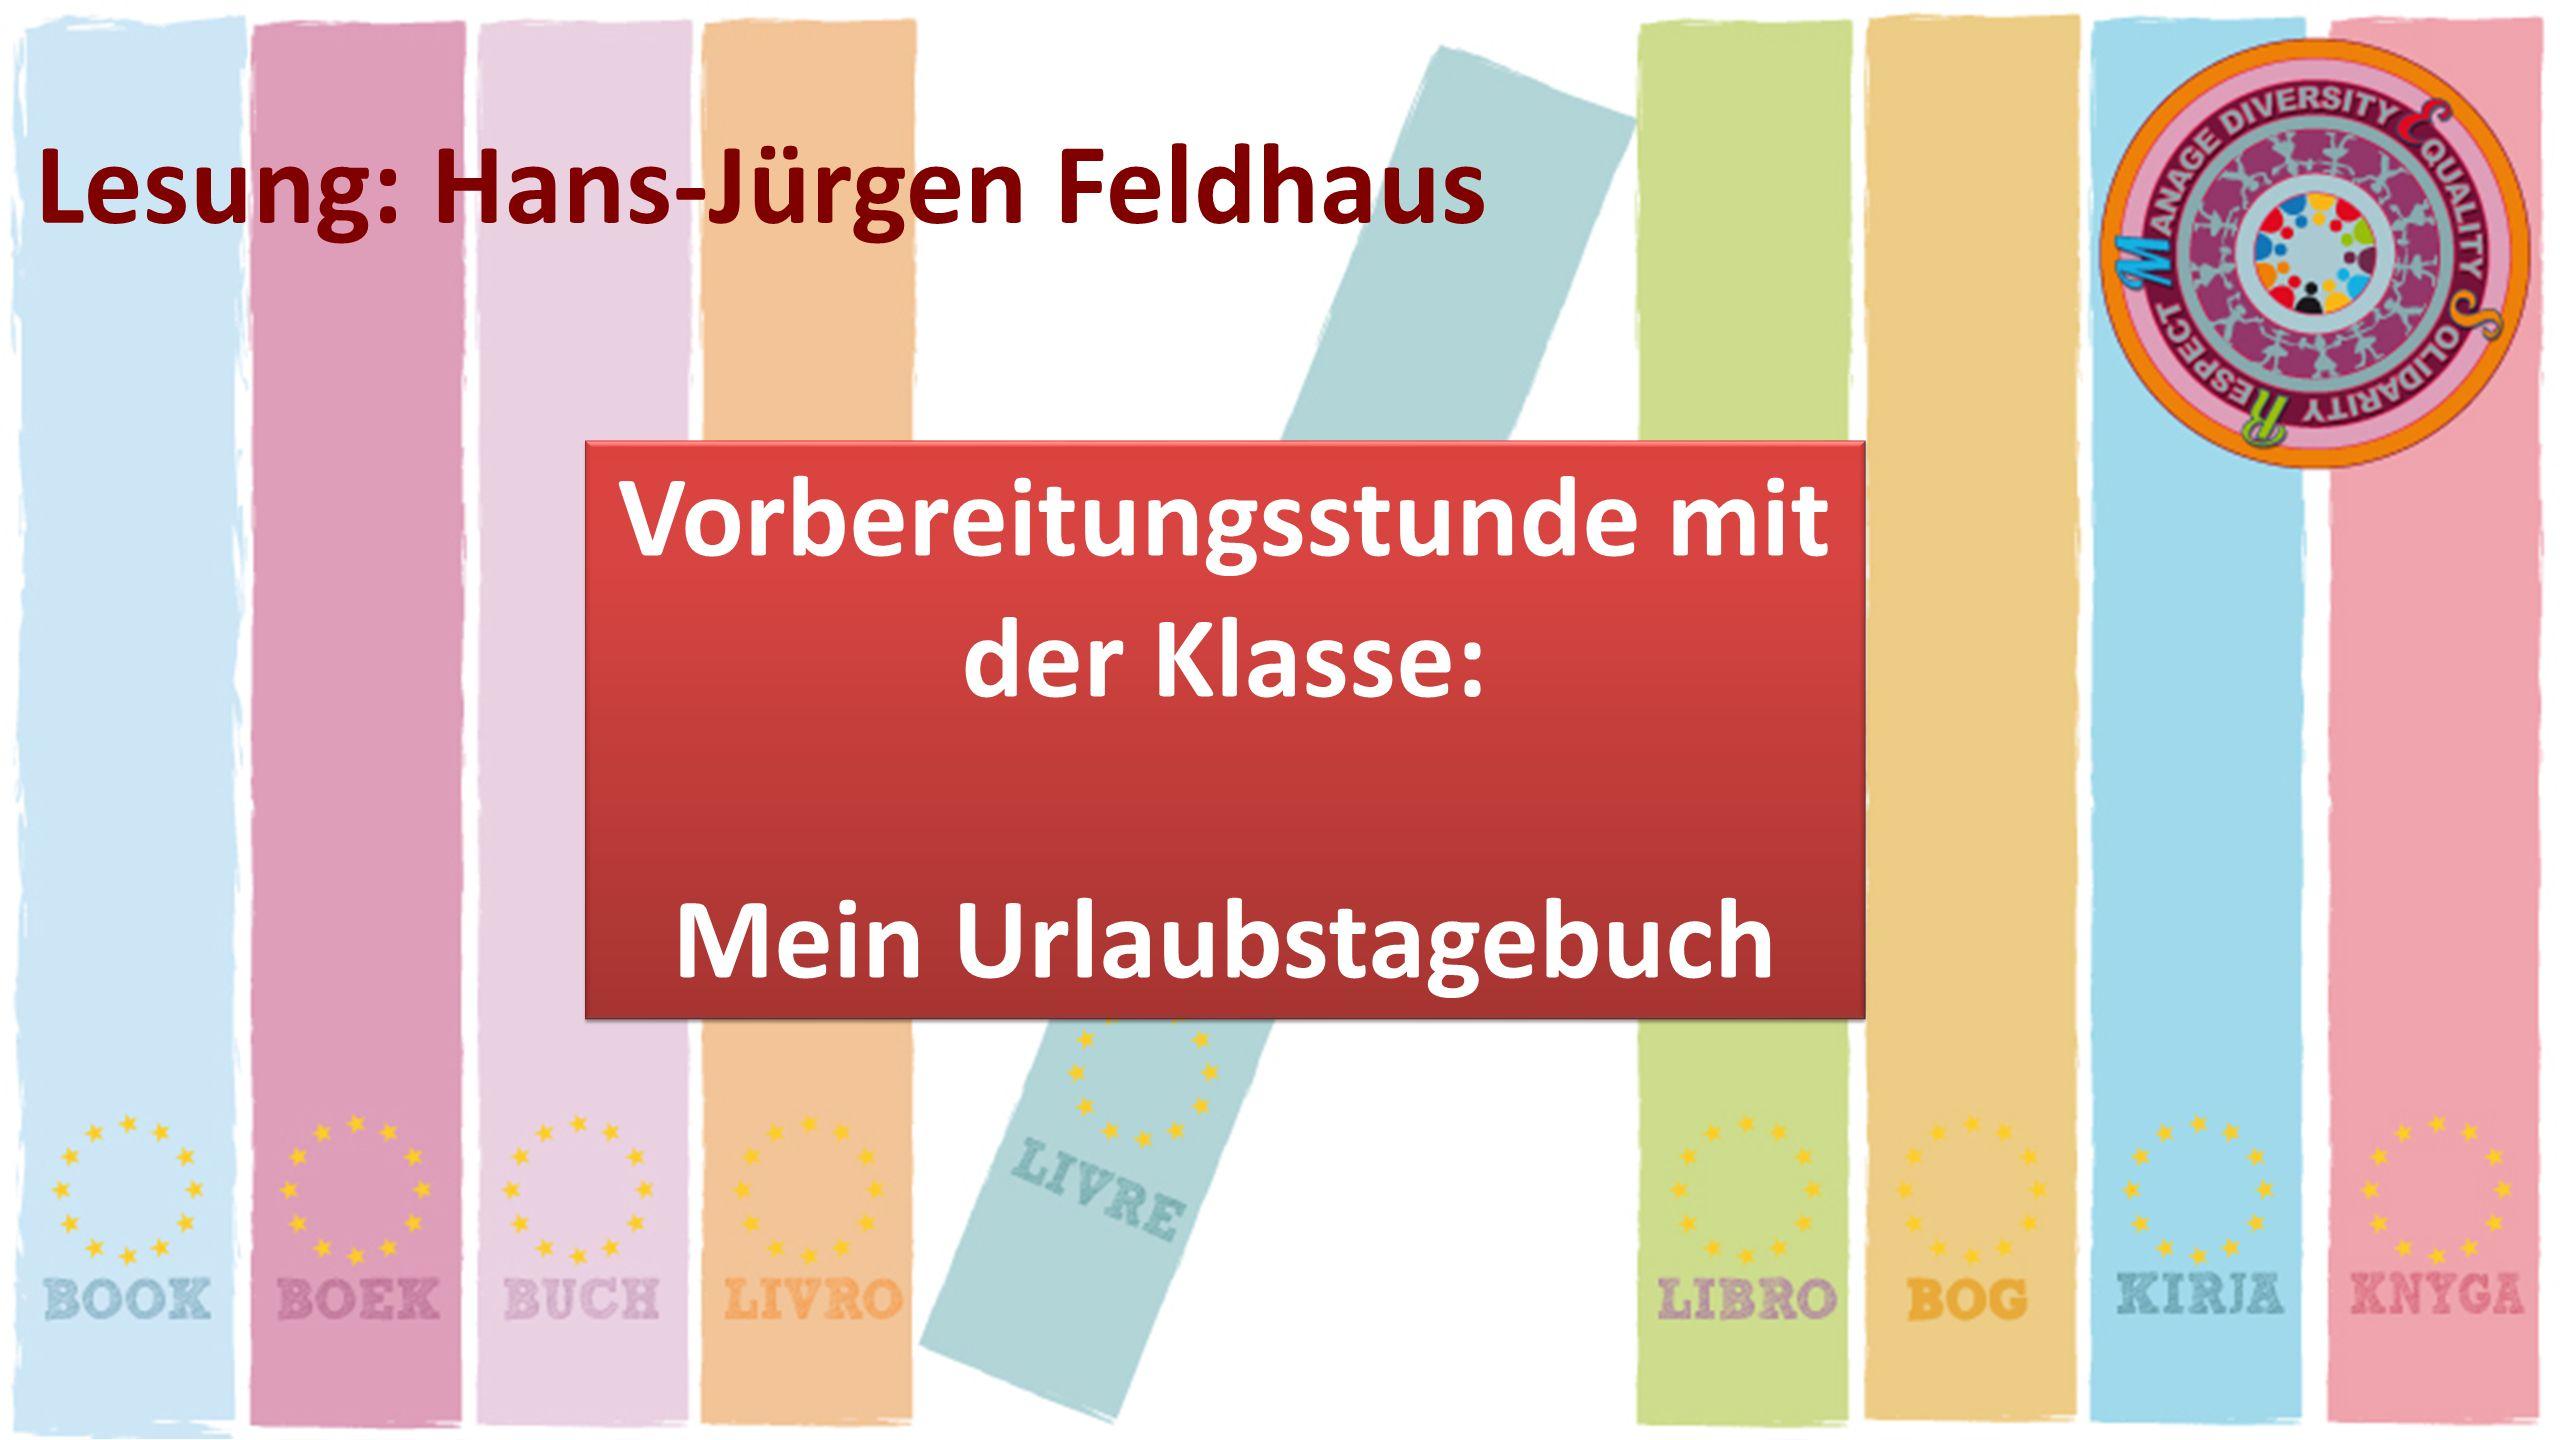 Lesung: Hans-Jürgen Feldhaus Vorbereitungsstunde mit der Klasse: Mein Urlaubstagebuch Vorbereitungsstunde mit der Klasse: Mein Urlaubstagebuch